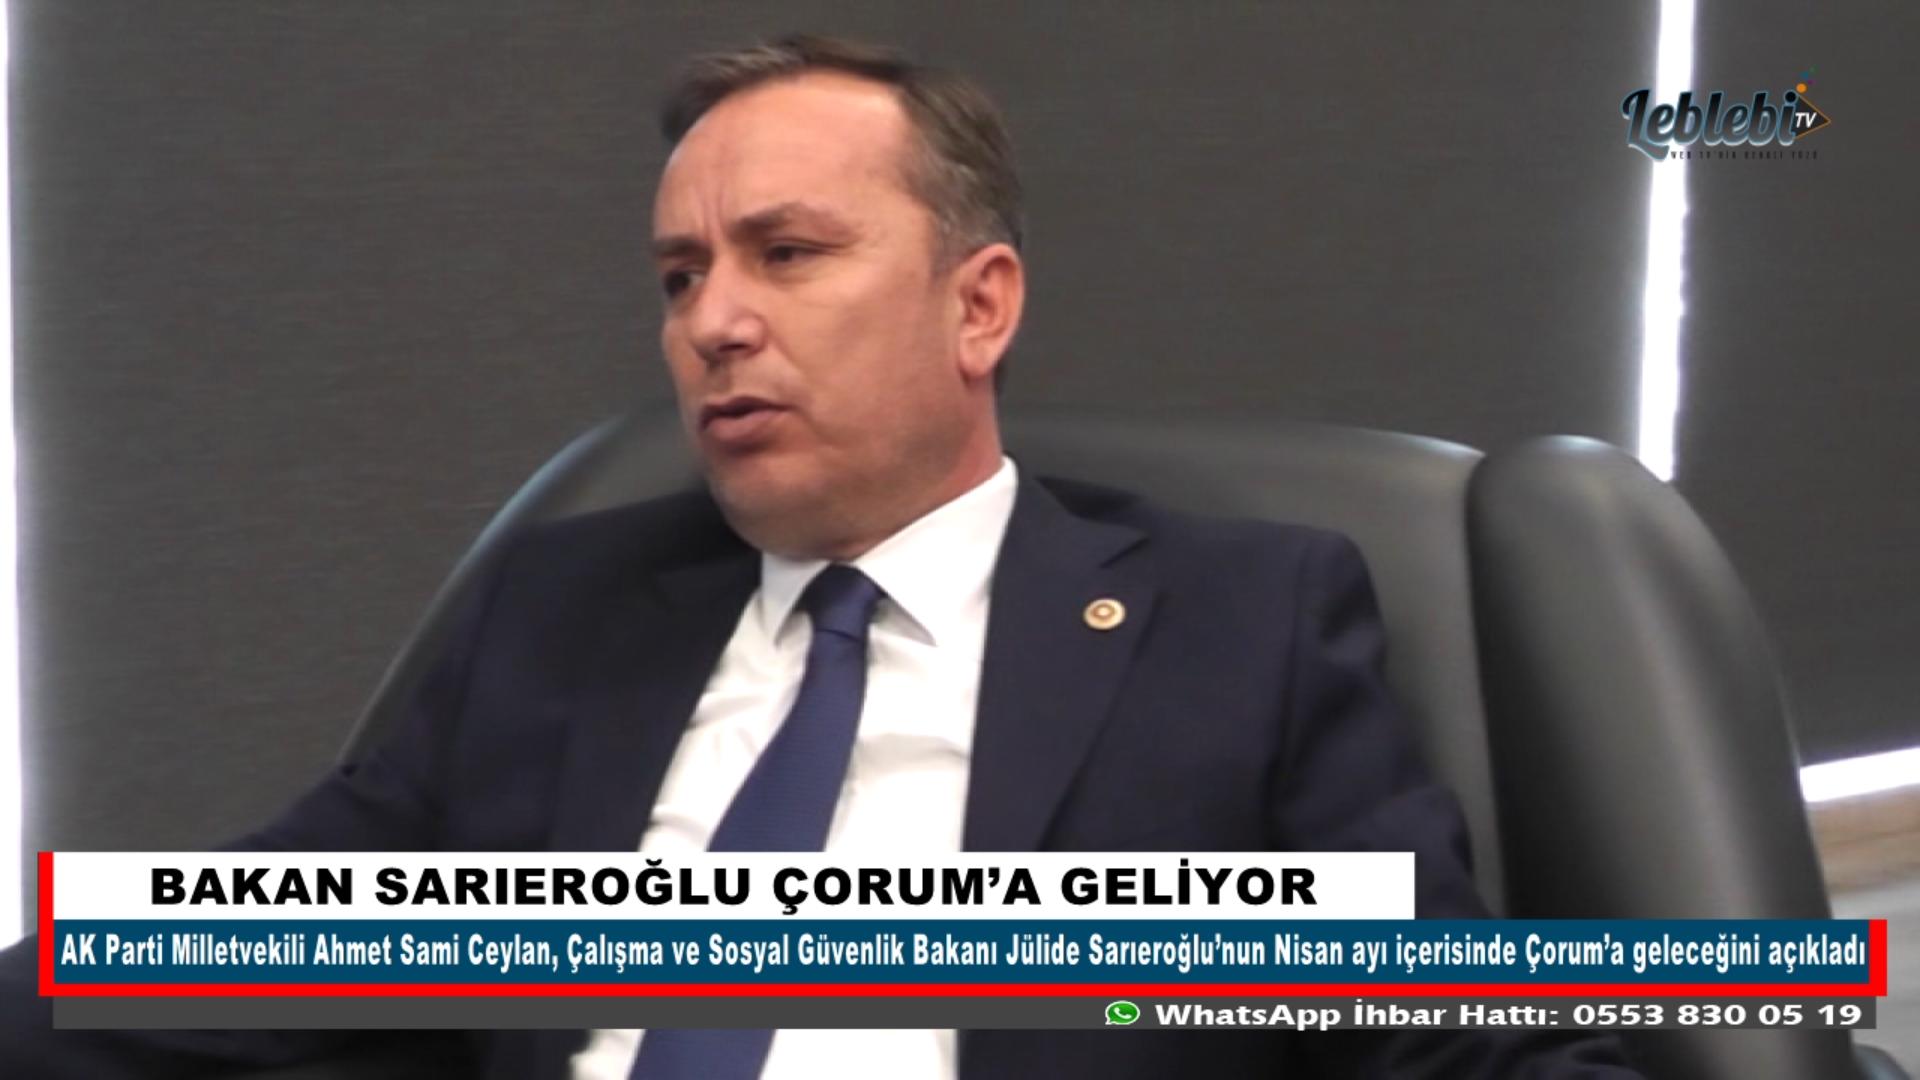 BAKAN SARIEROĞLU ÇORUM'A GELİYOR